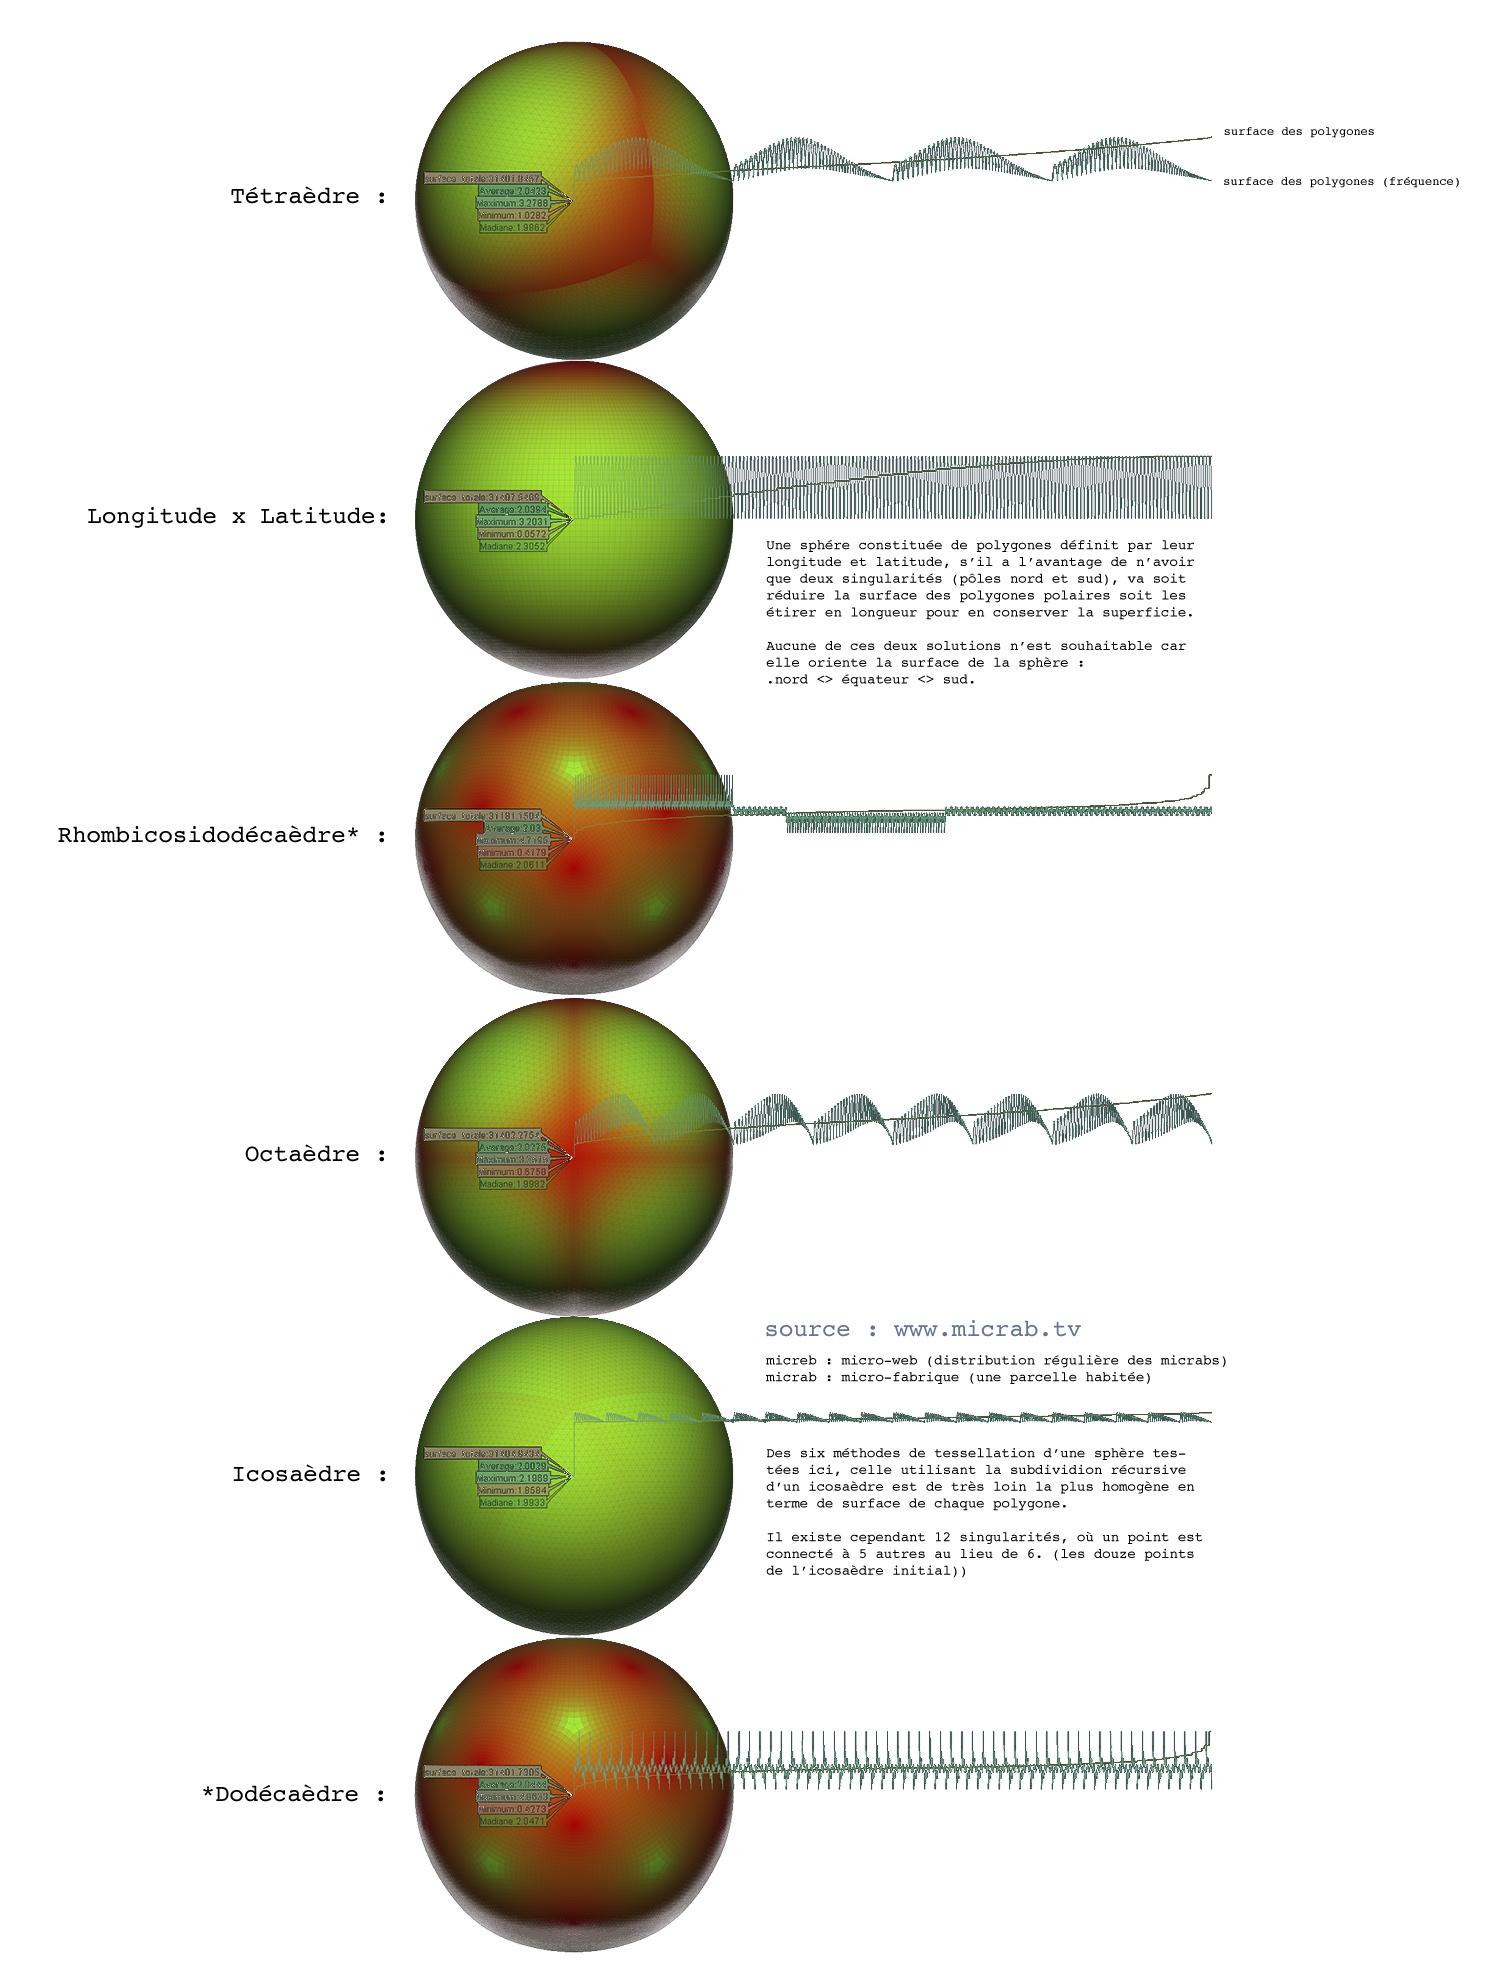 surface des polygones des sphères : quelques topologies simples pour une topographie sphérique.